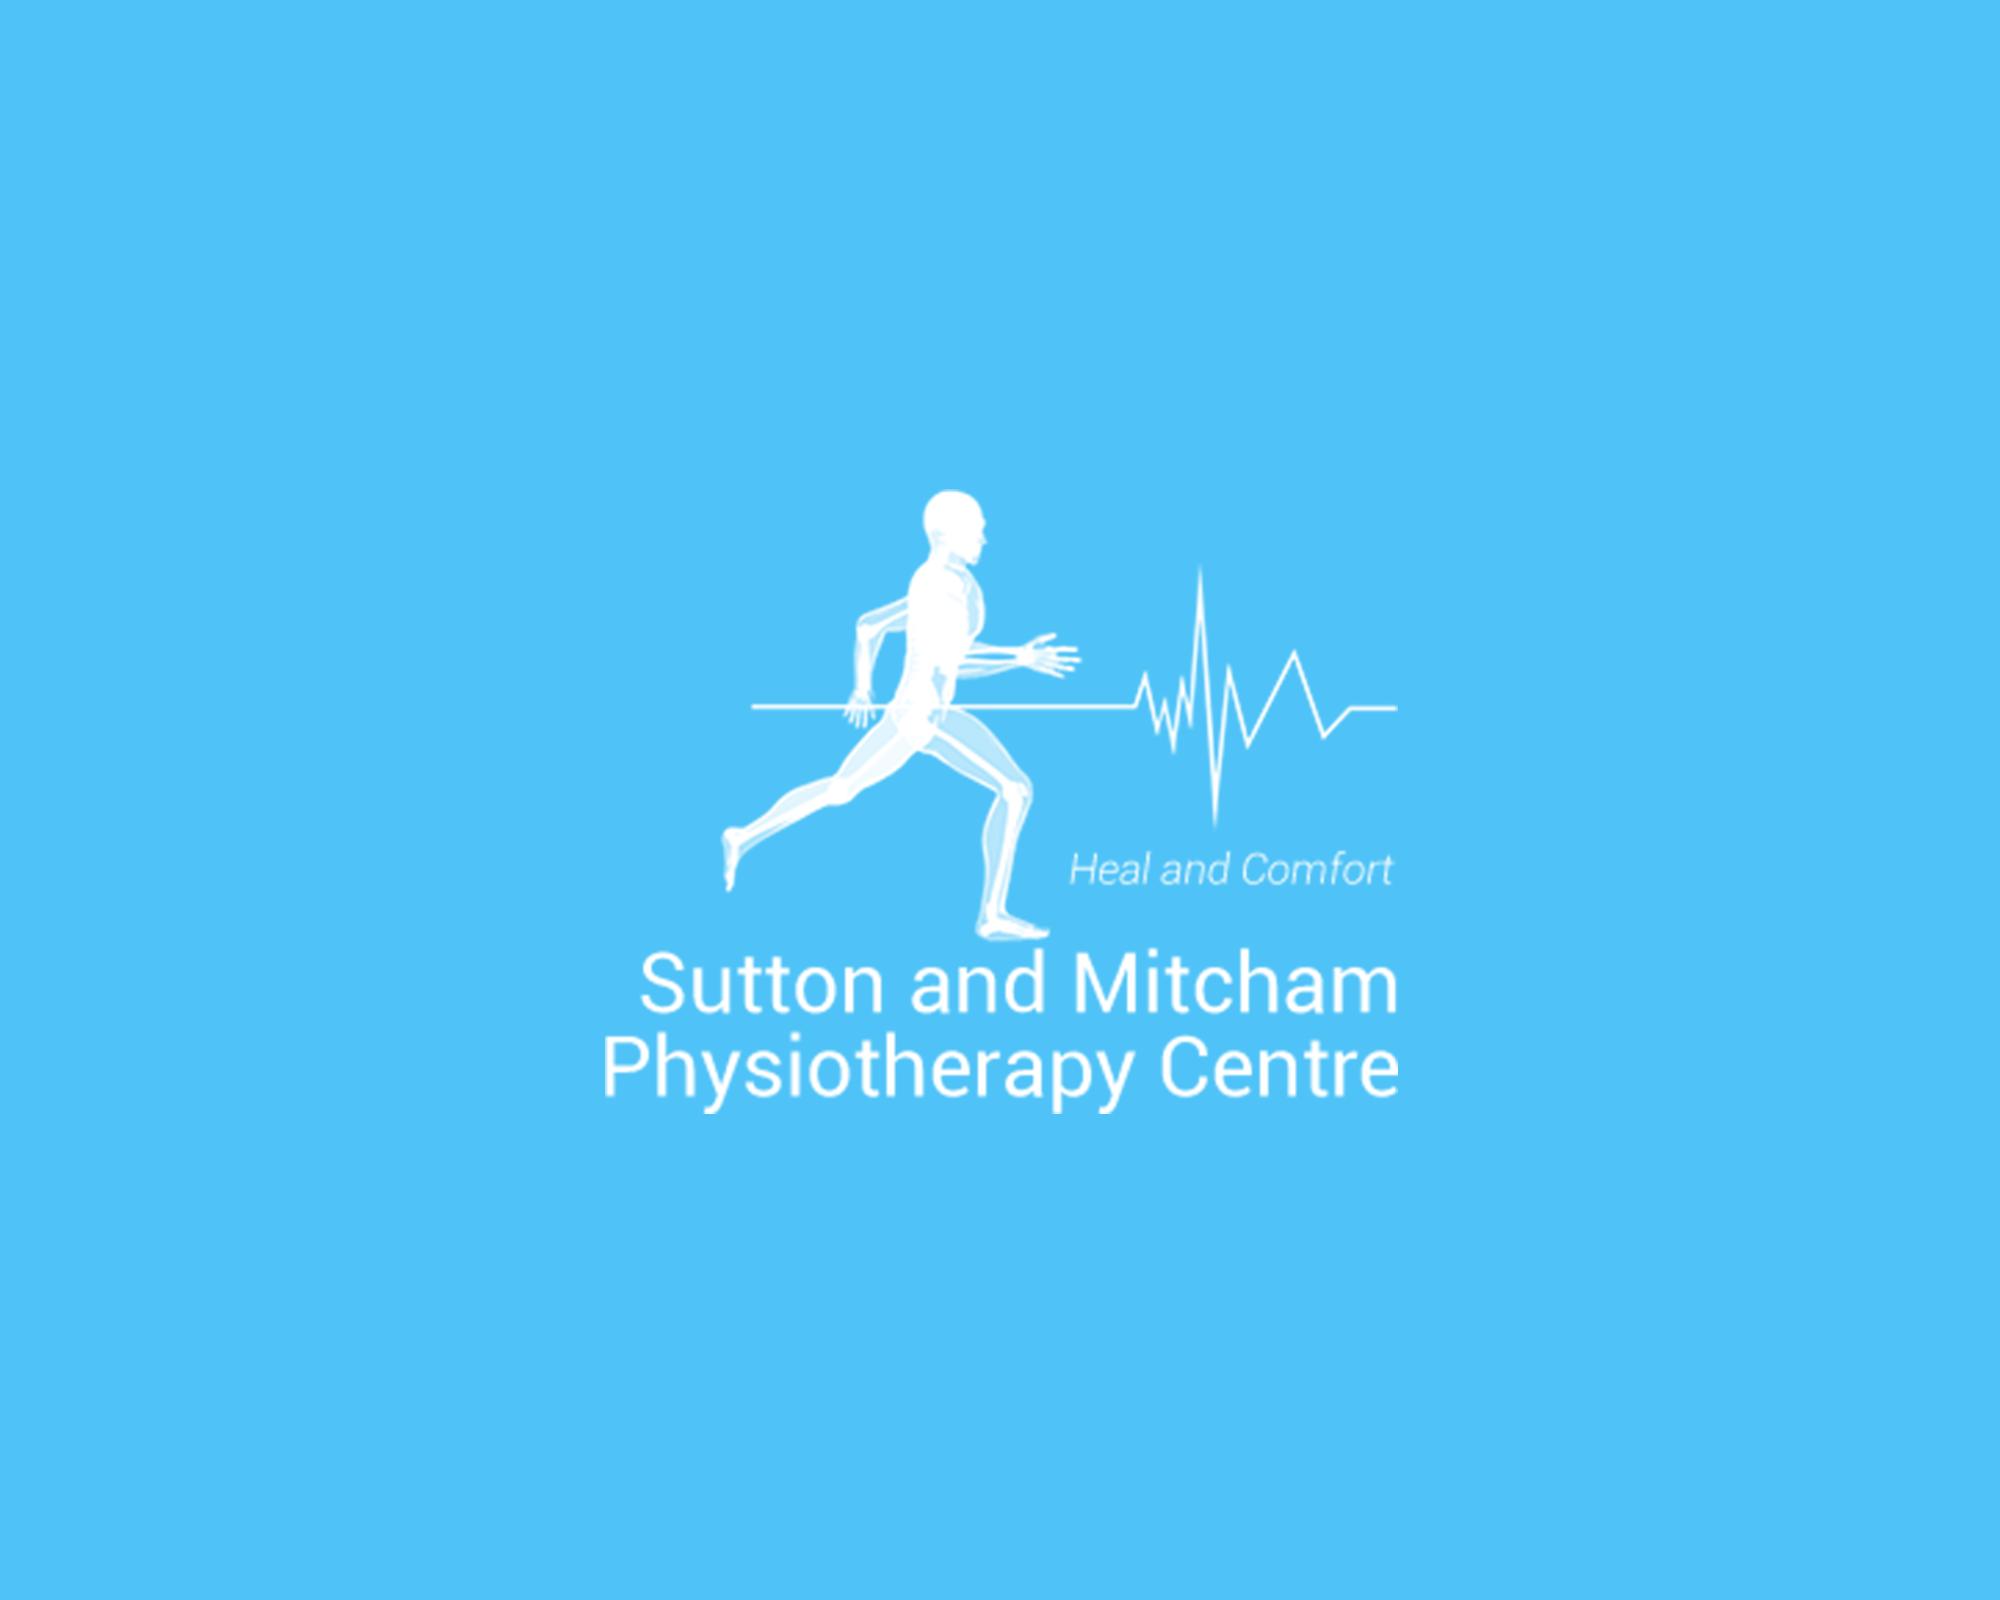 sutton physio Logo